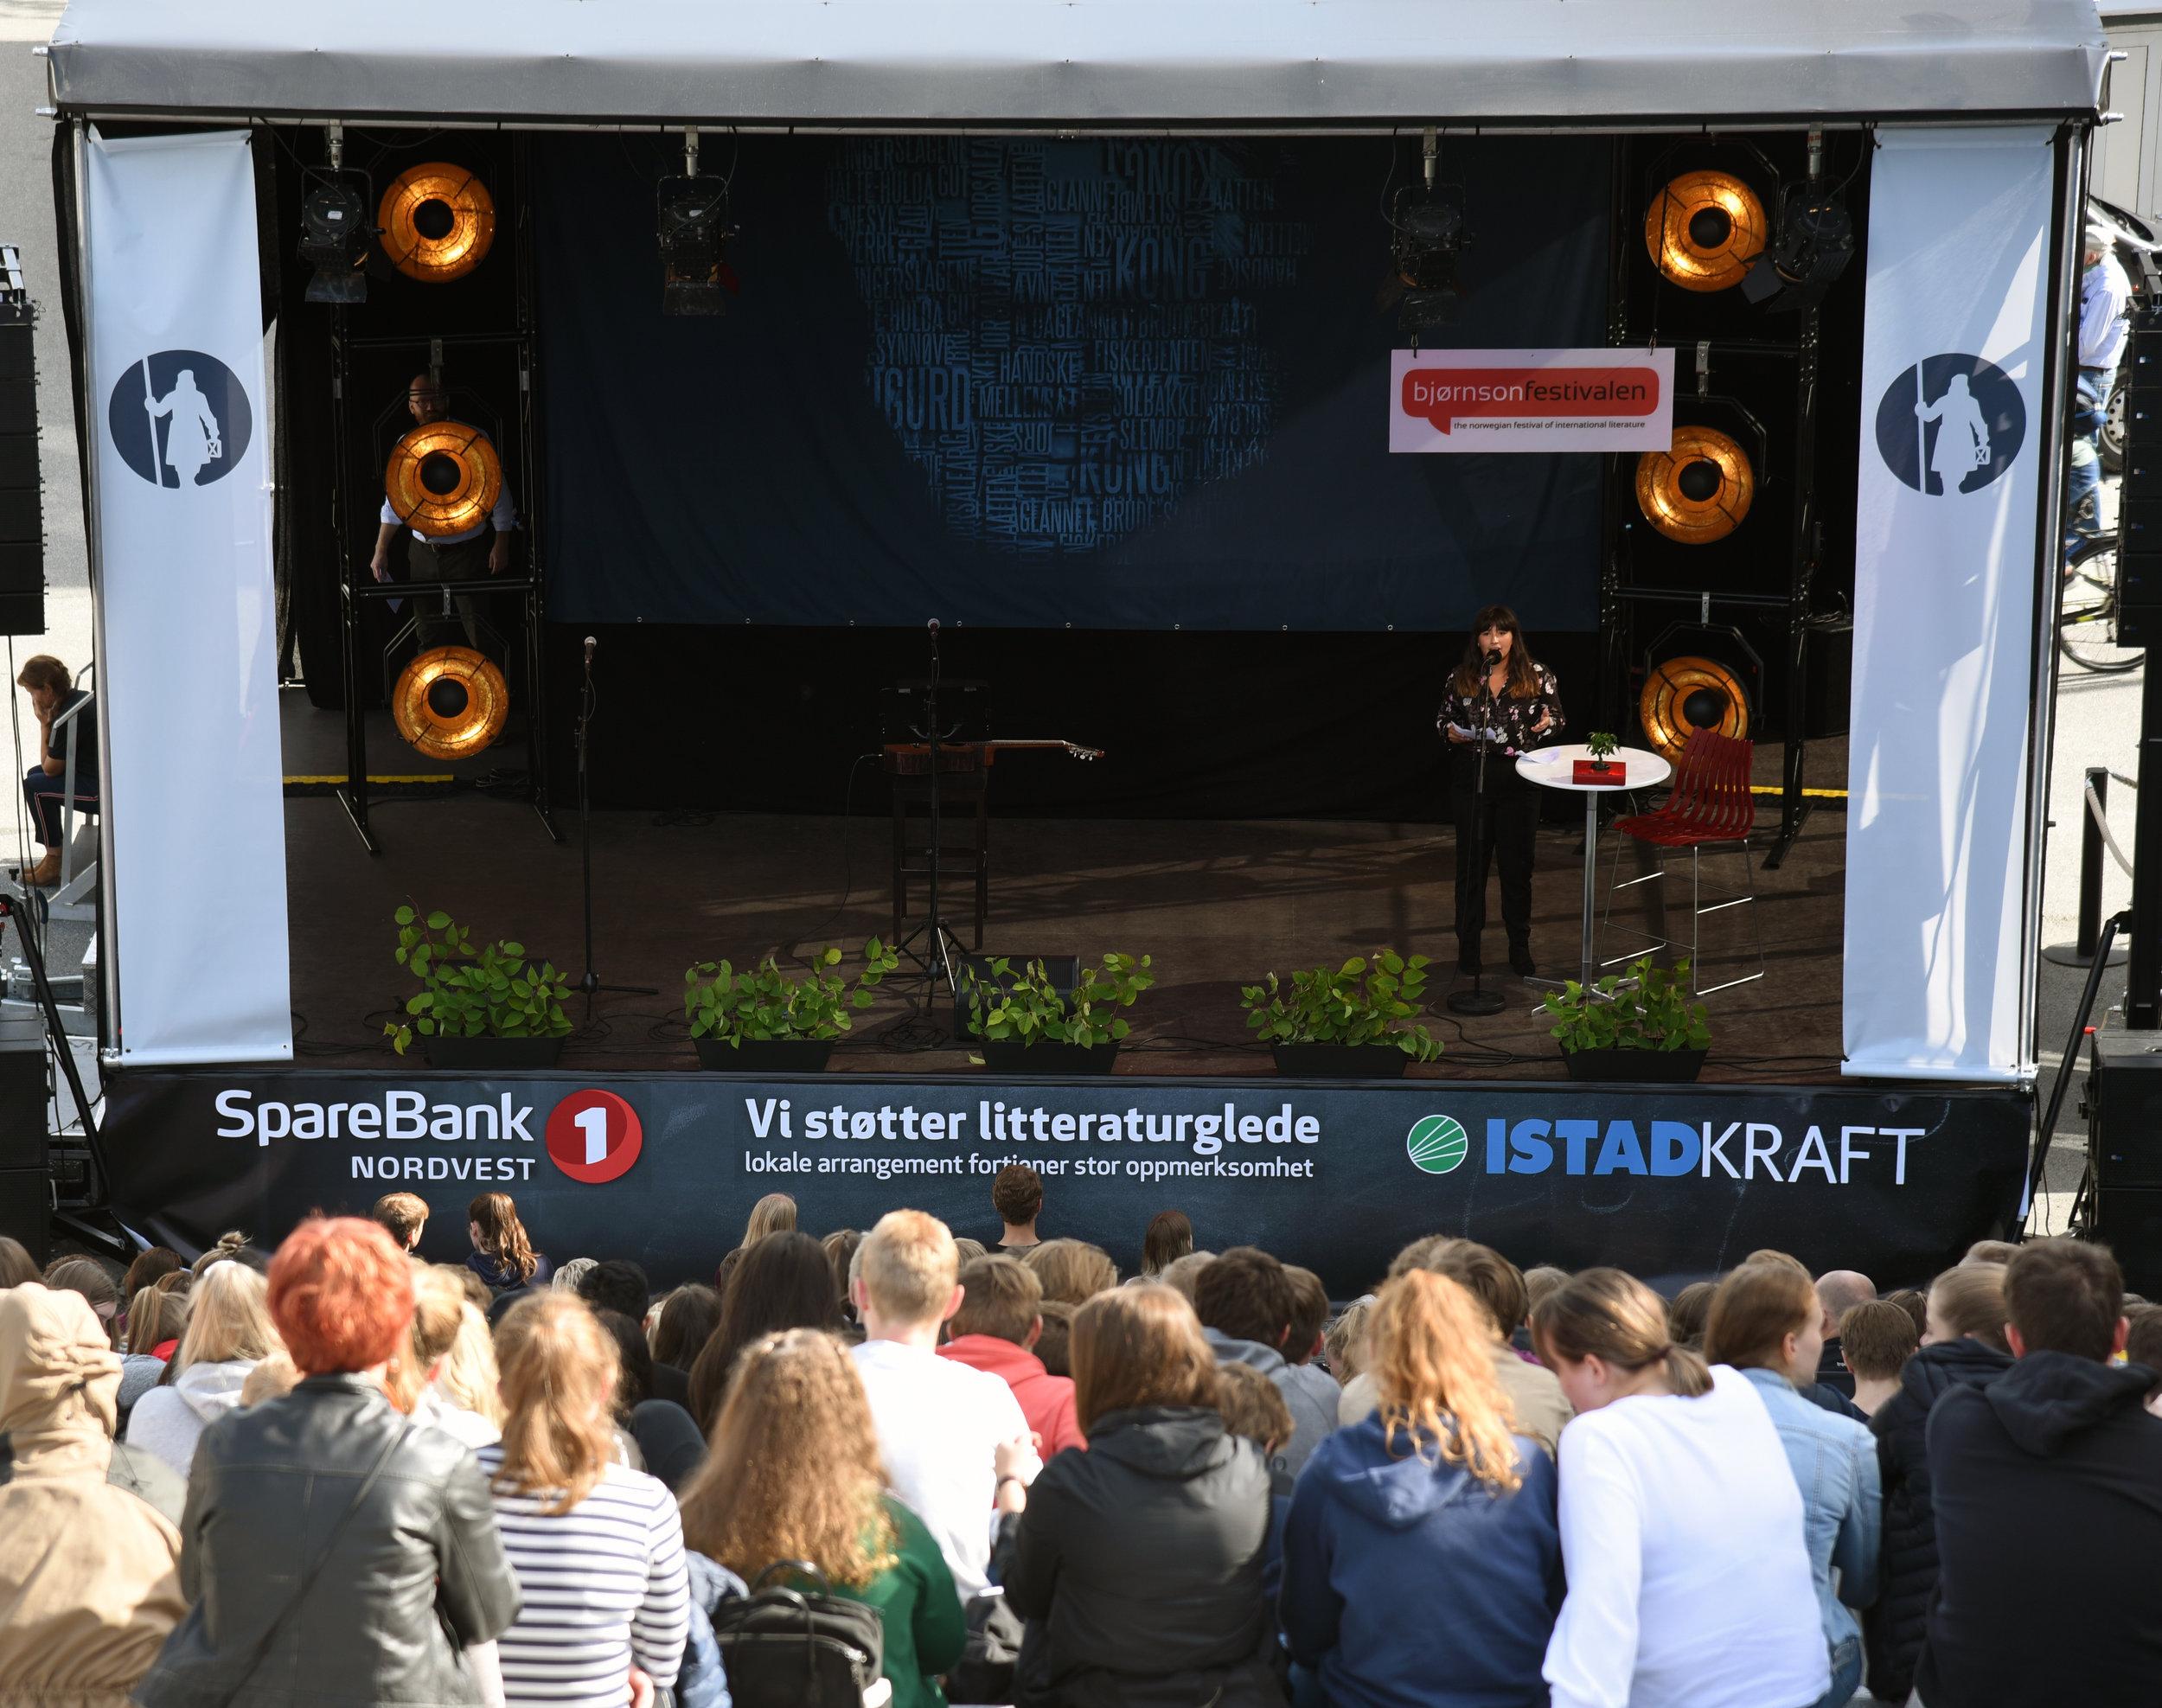 Engasjert ungdom:  Mange ungdommer hadde møtt frem for å få med seg de 6 beste talene i talekonkurransen Ta ordet! på utePlassen. Foto: Øystein Eik